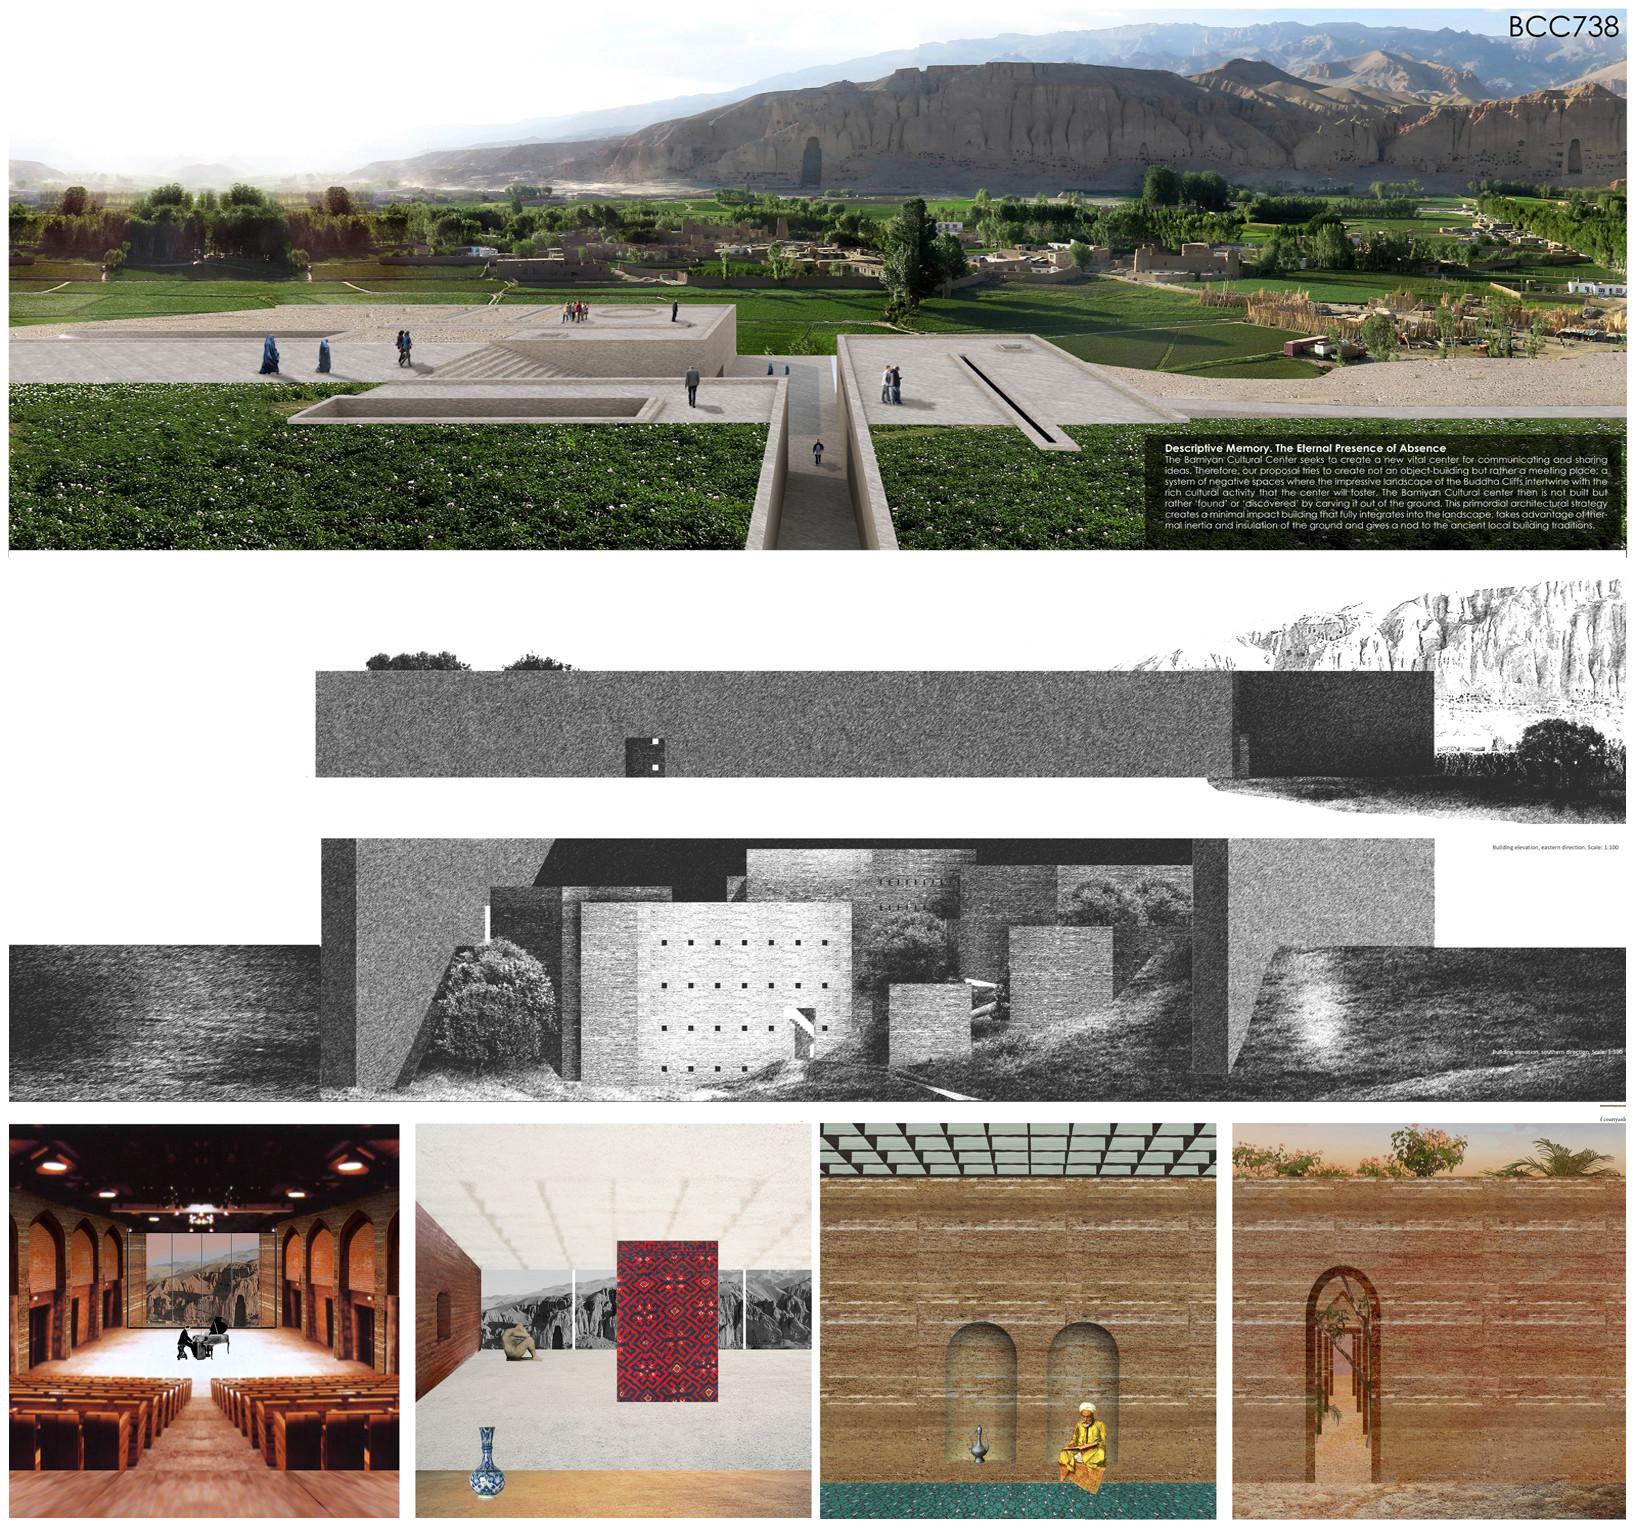 UNESCO presenta las propuestas ganadoras para el Centro Cultural de Bamiyán en Afganistán